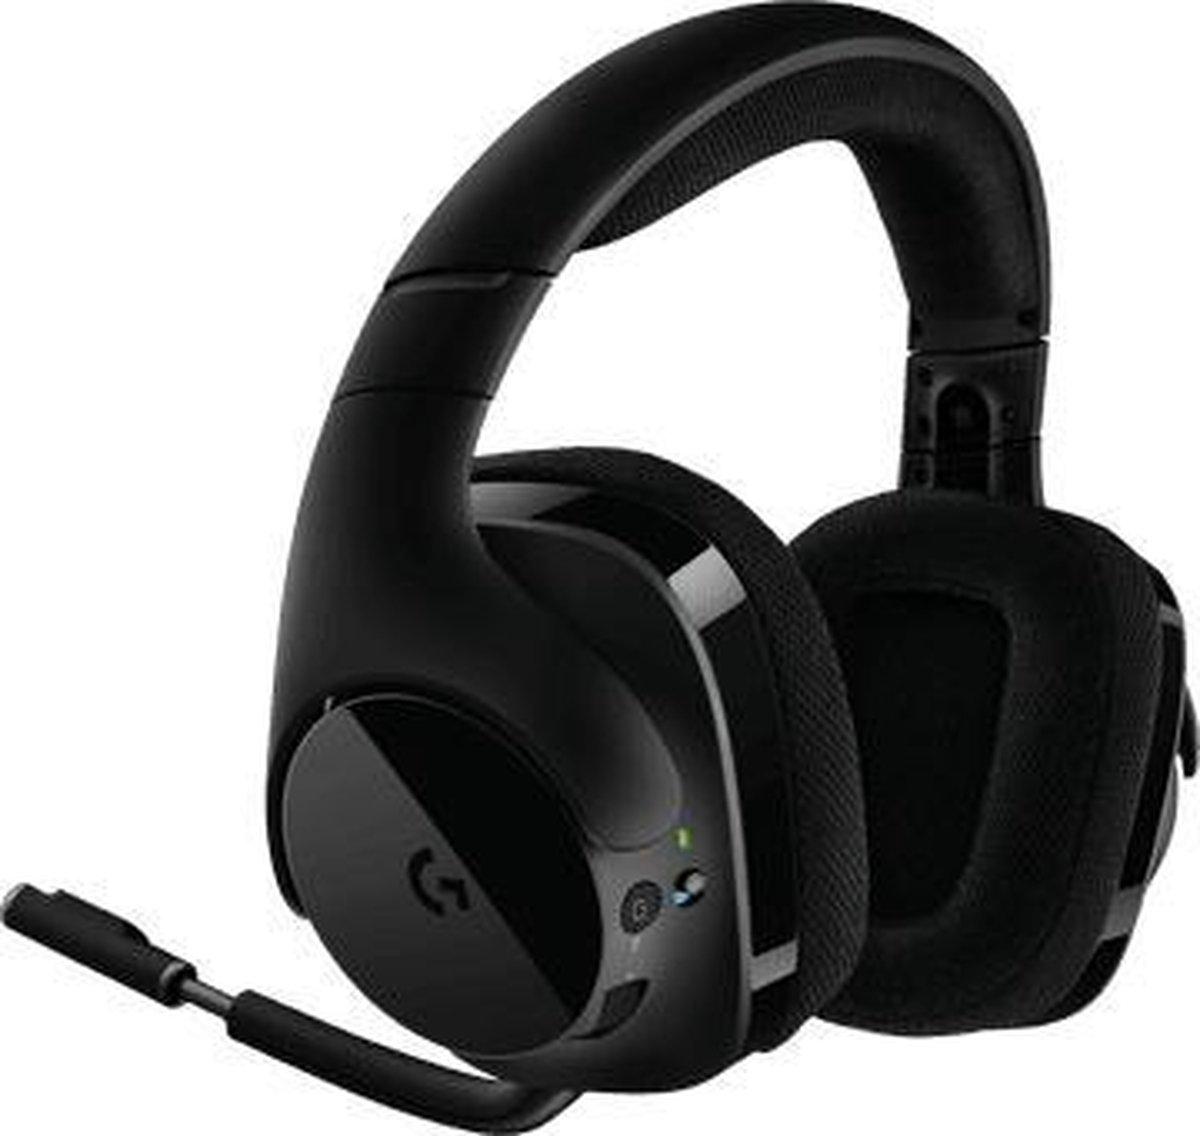 Logitech G533 - Draadloze Gaming Headset | Zwart